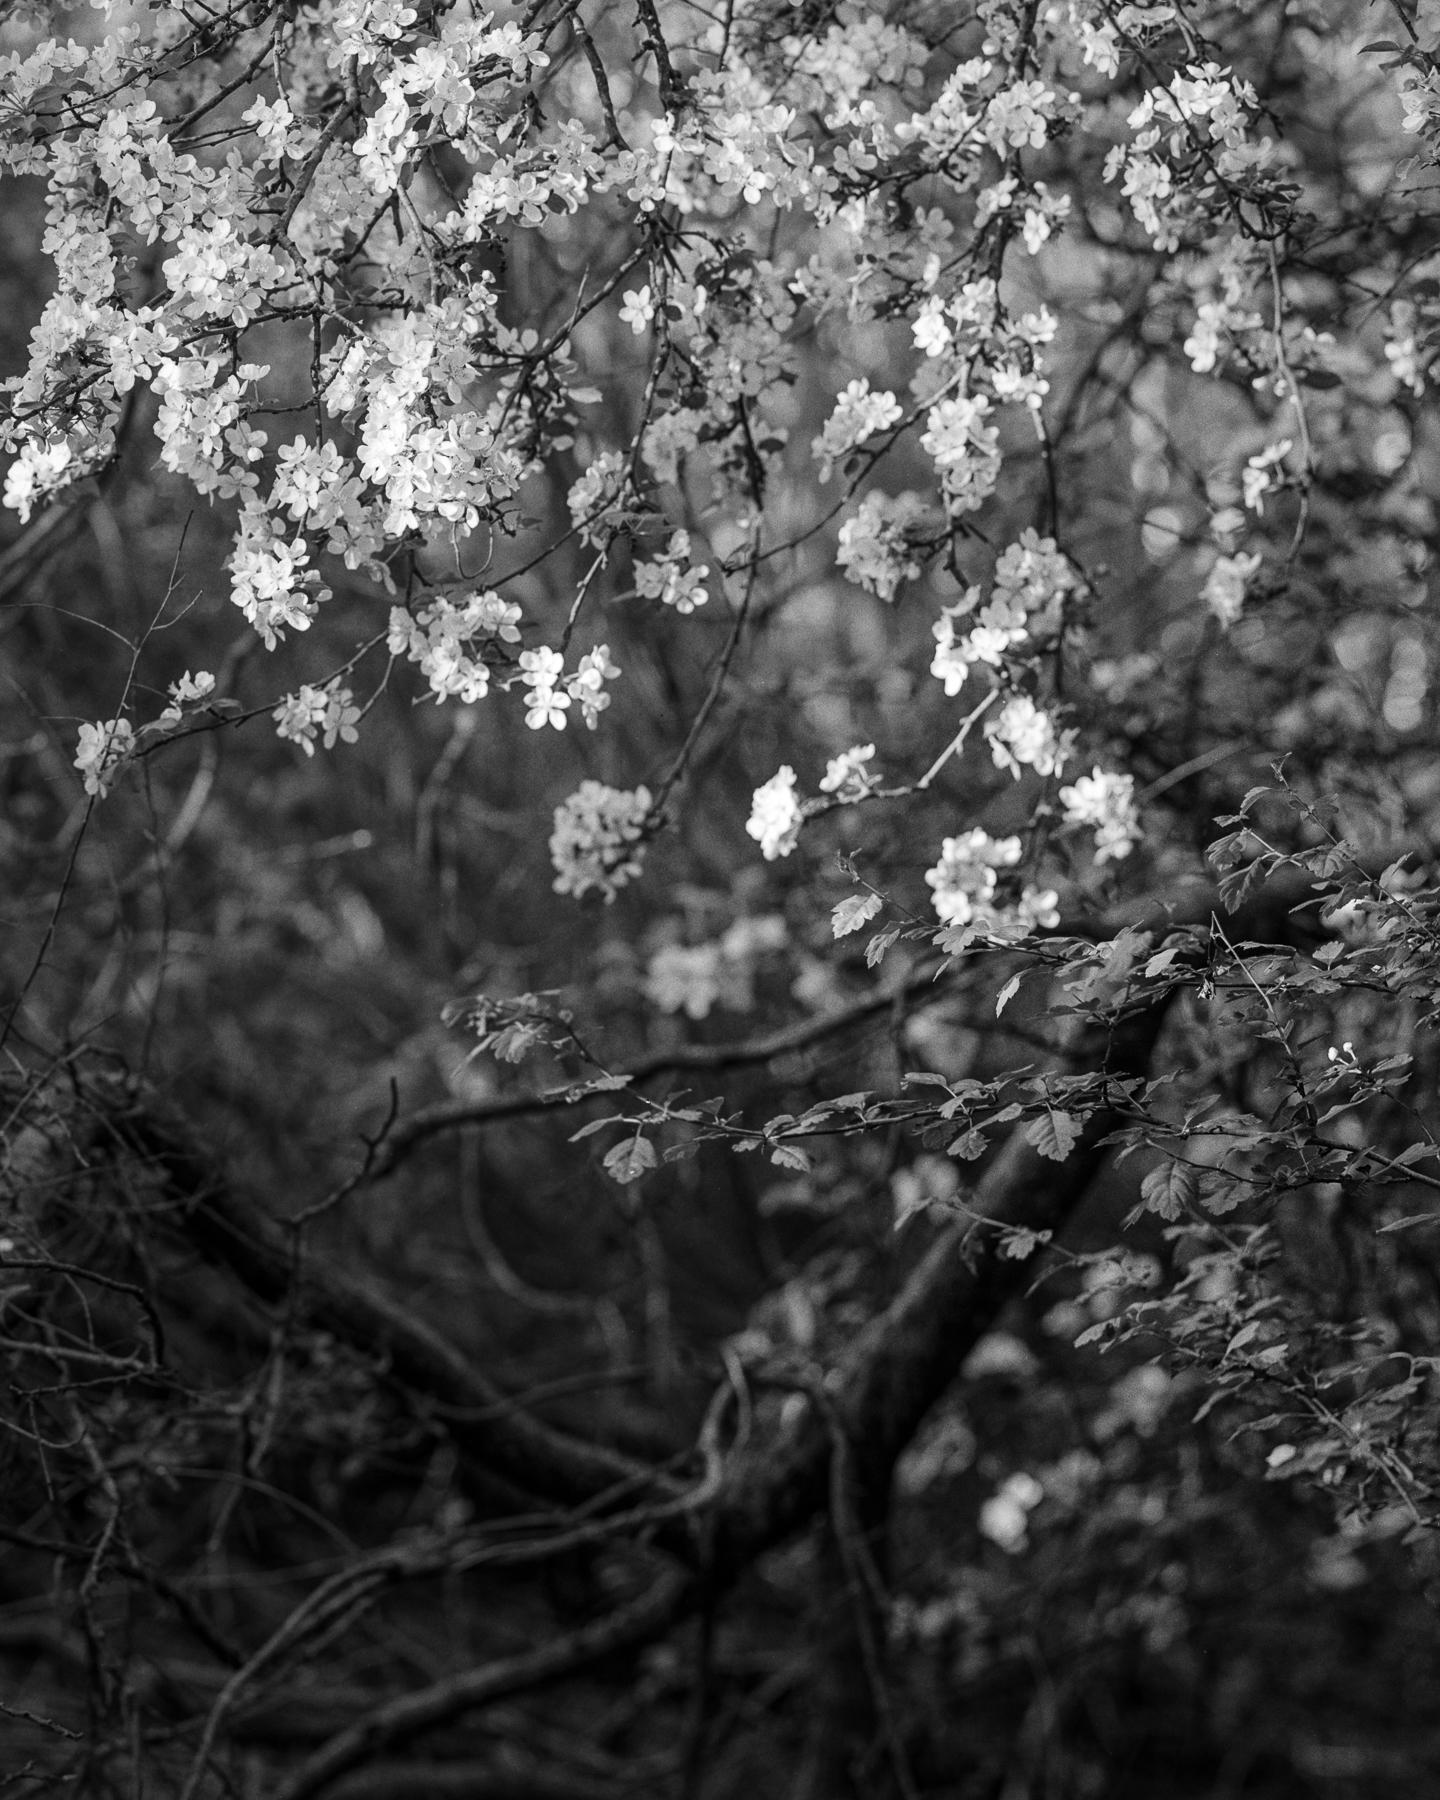 Blossom | Intrepid 4x5 | Darren Rose